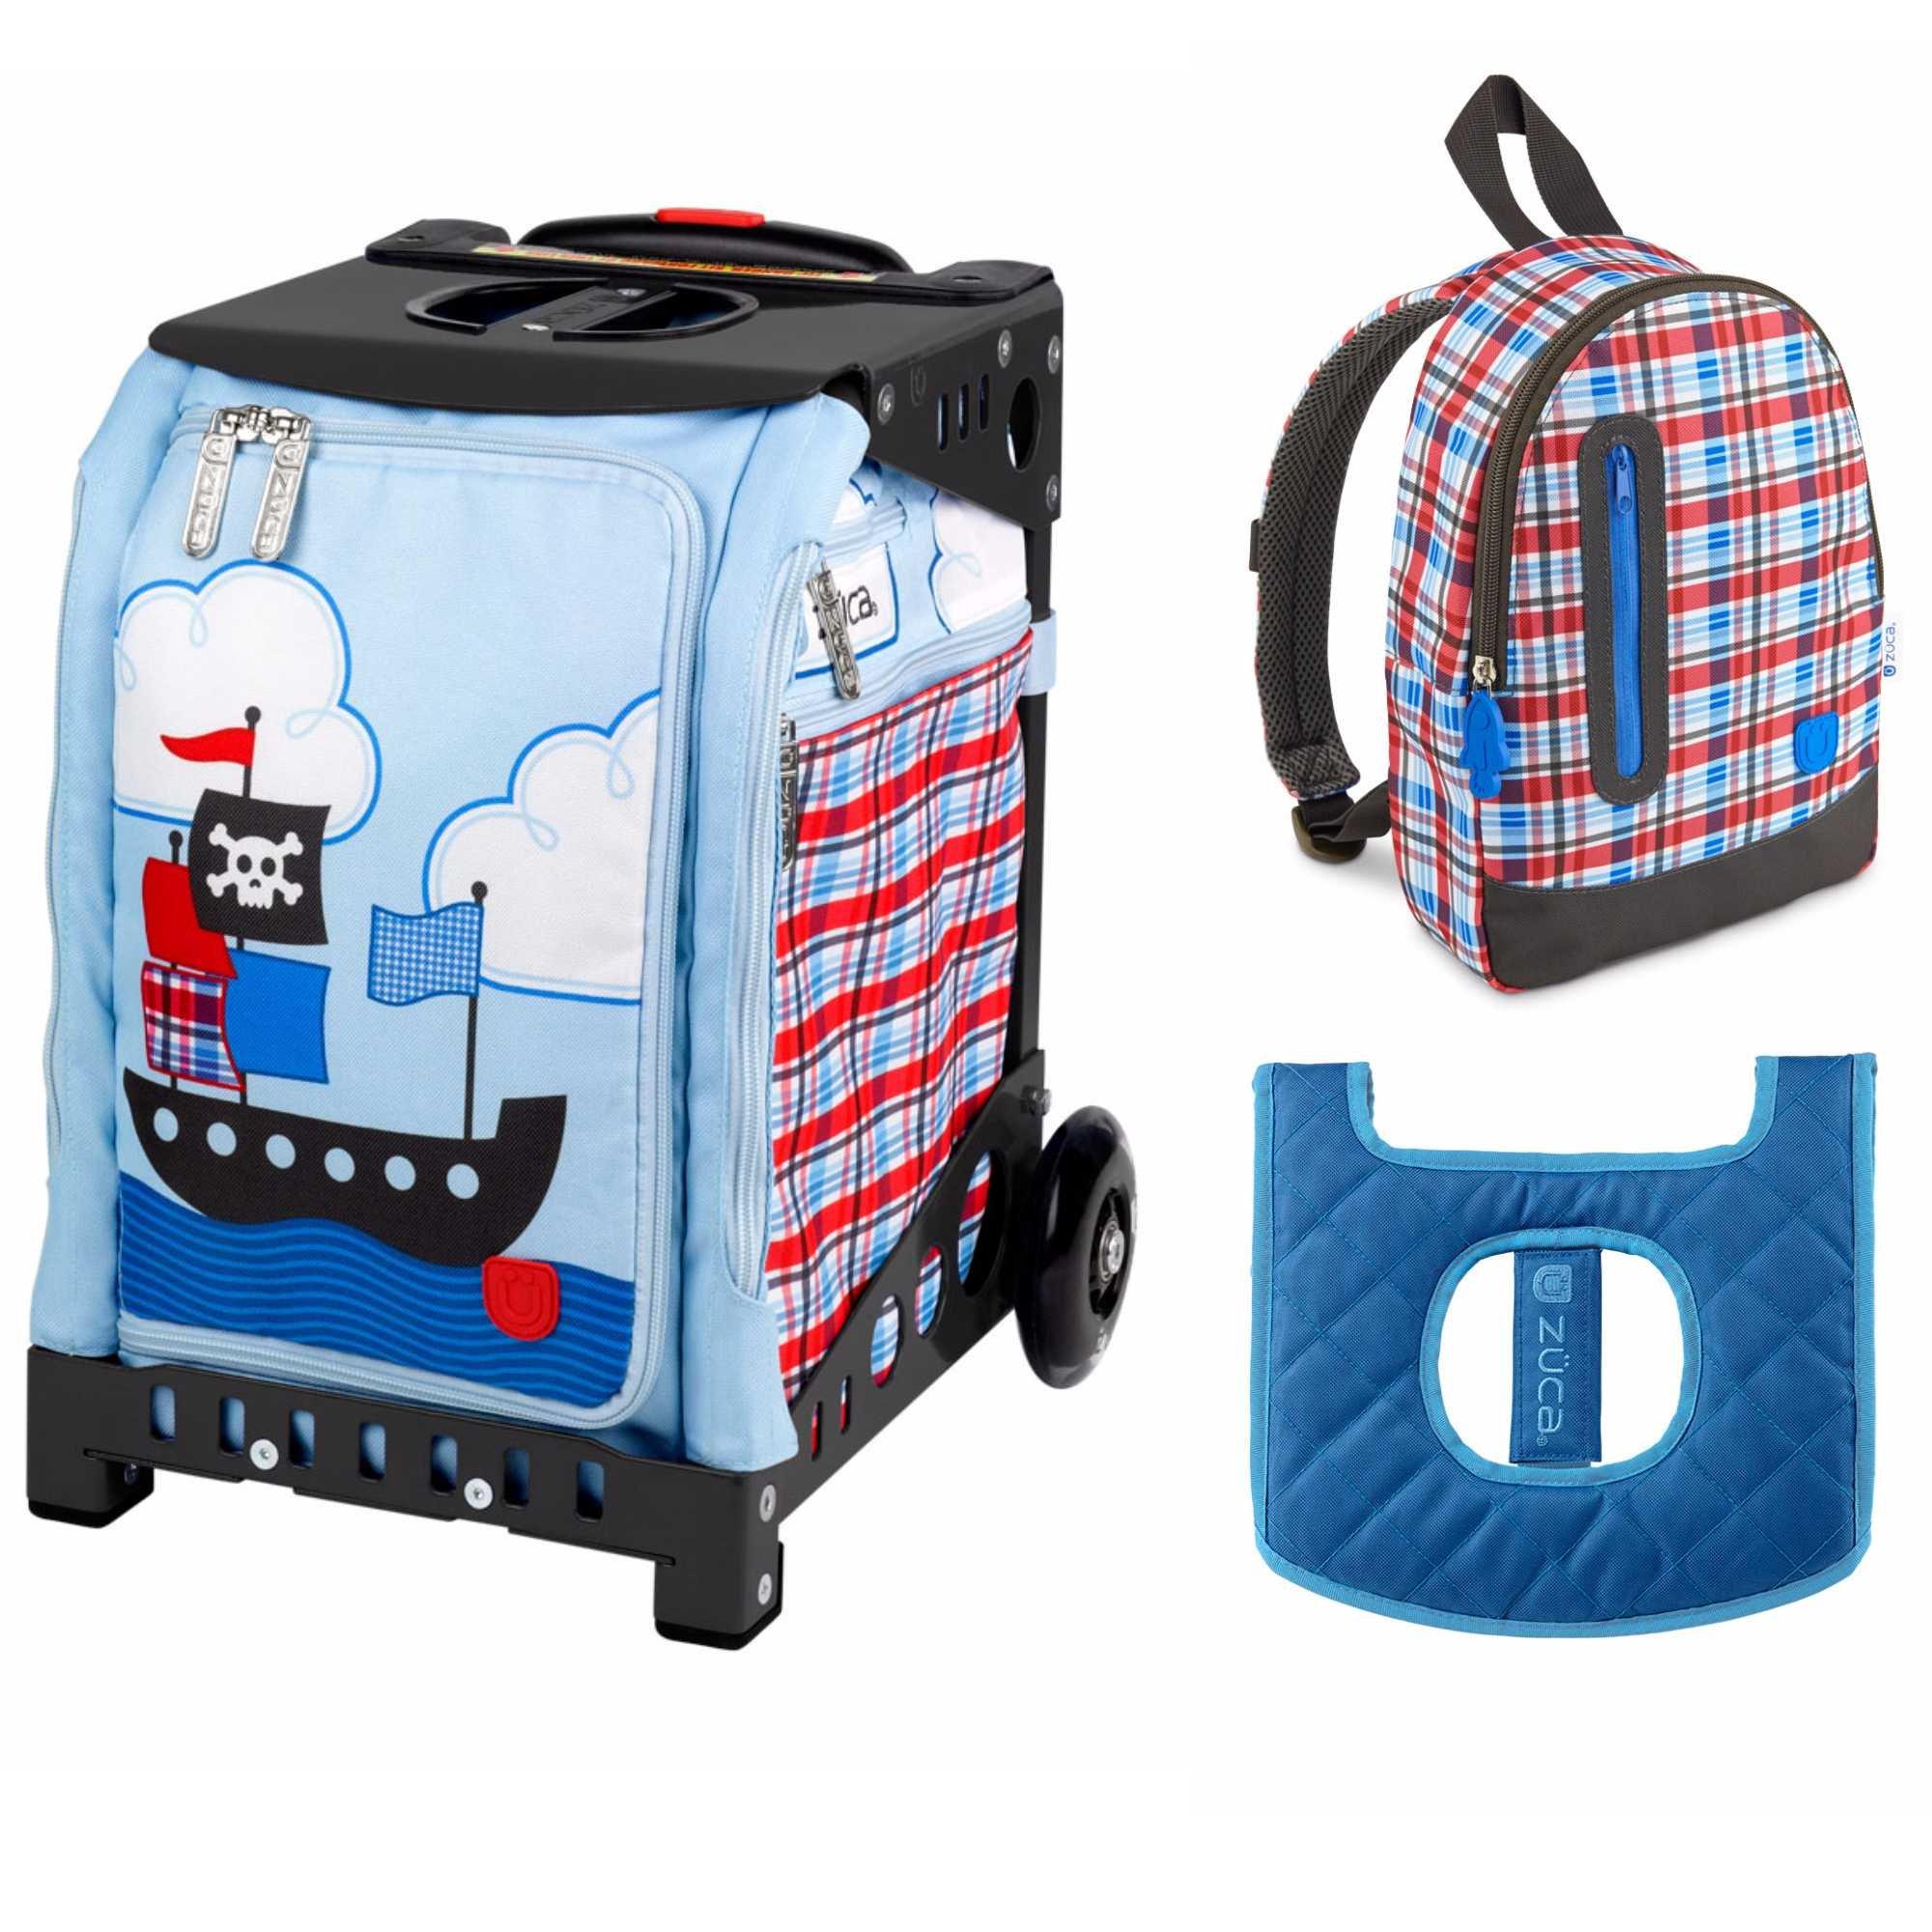 ZUCA Kids039; Mini Pirate Bag/Black Frame + Backpack and Seat Cushion